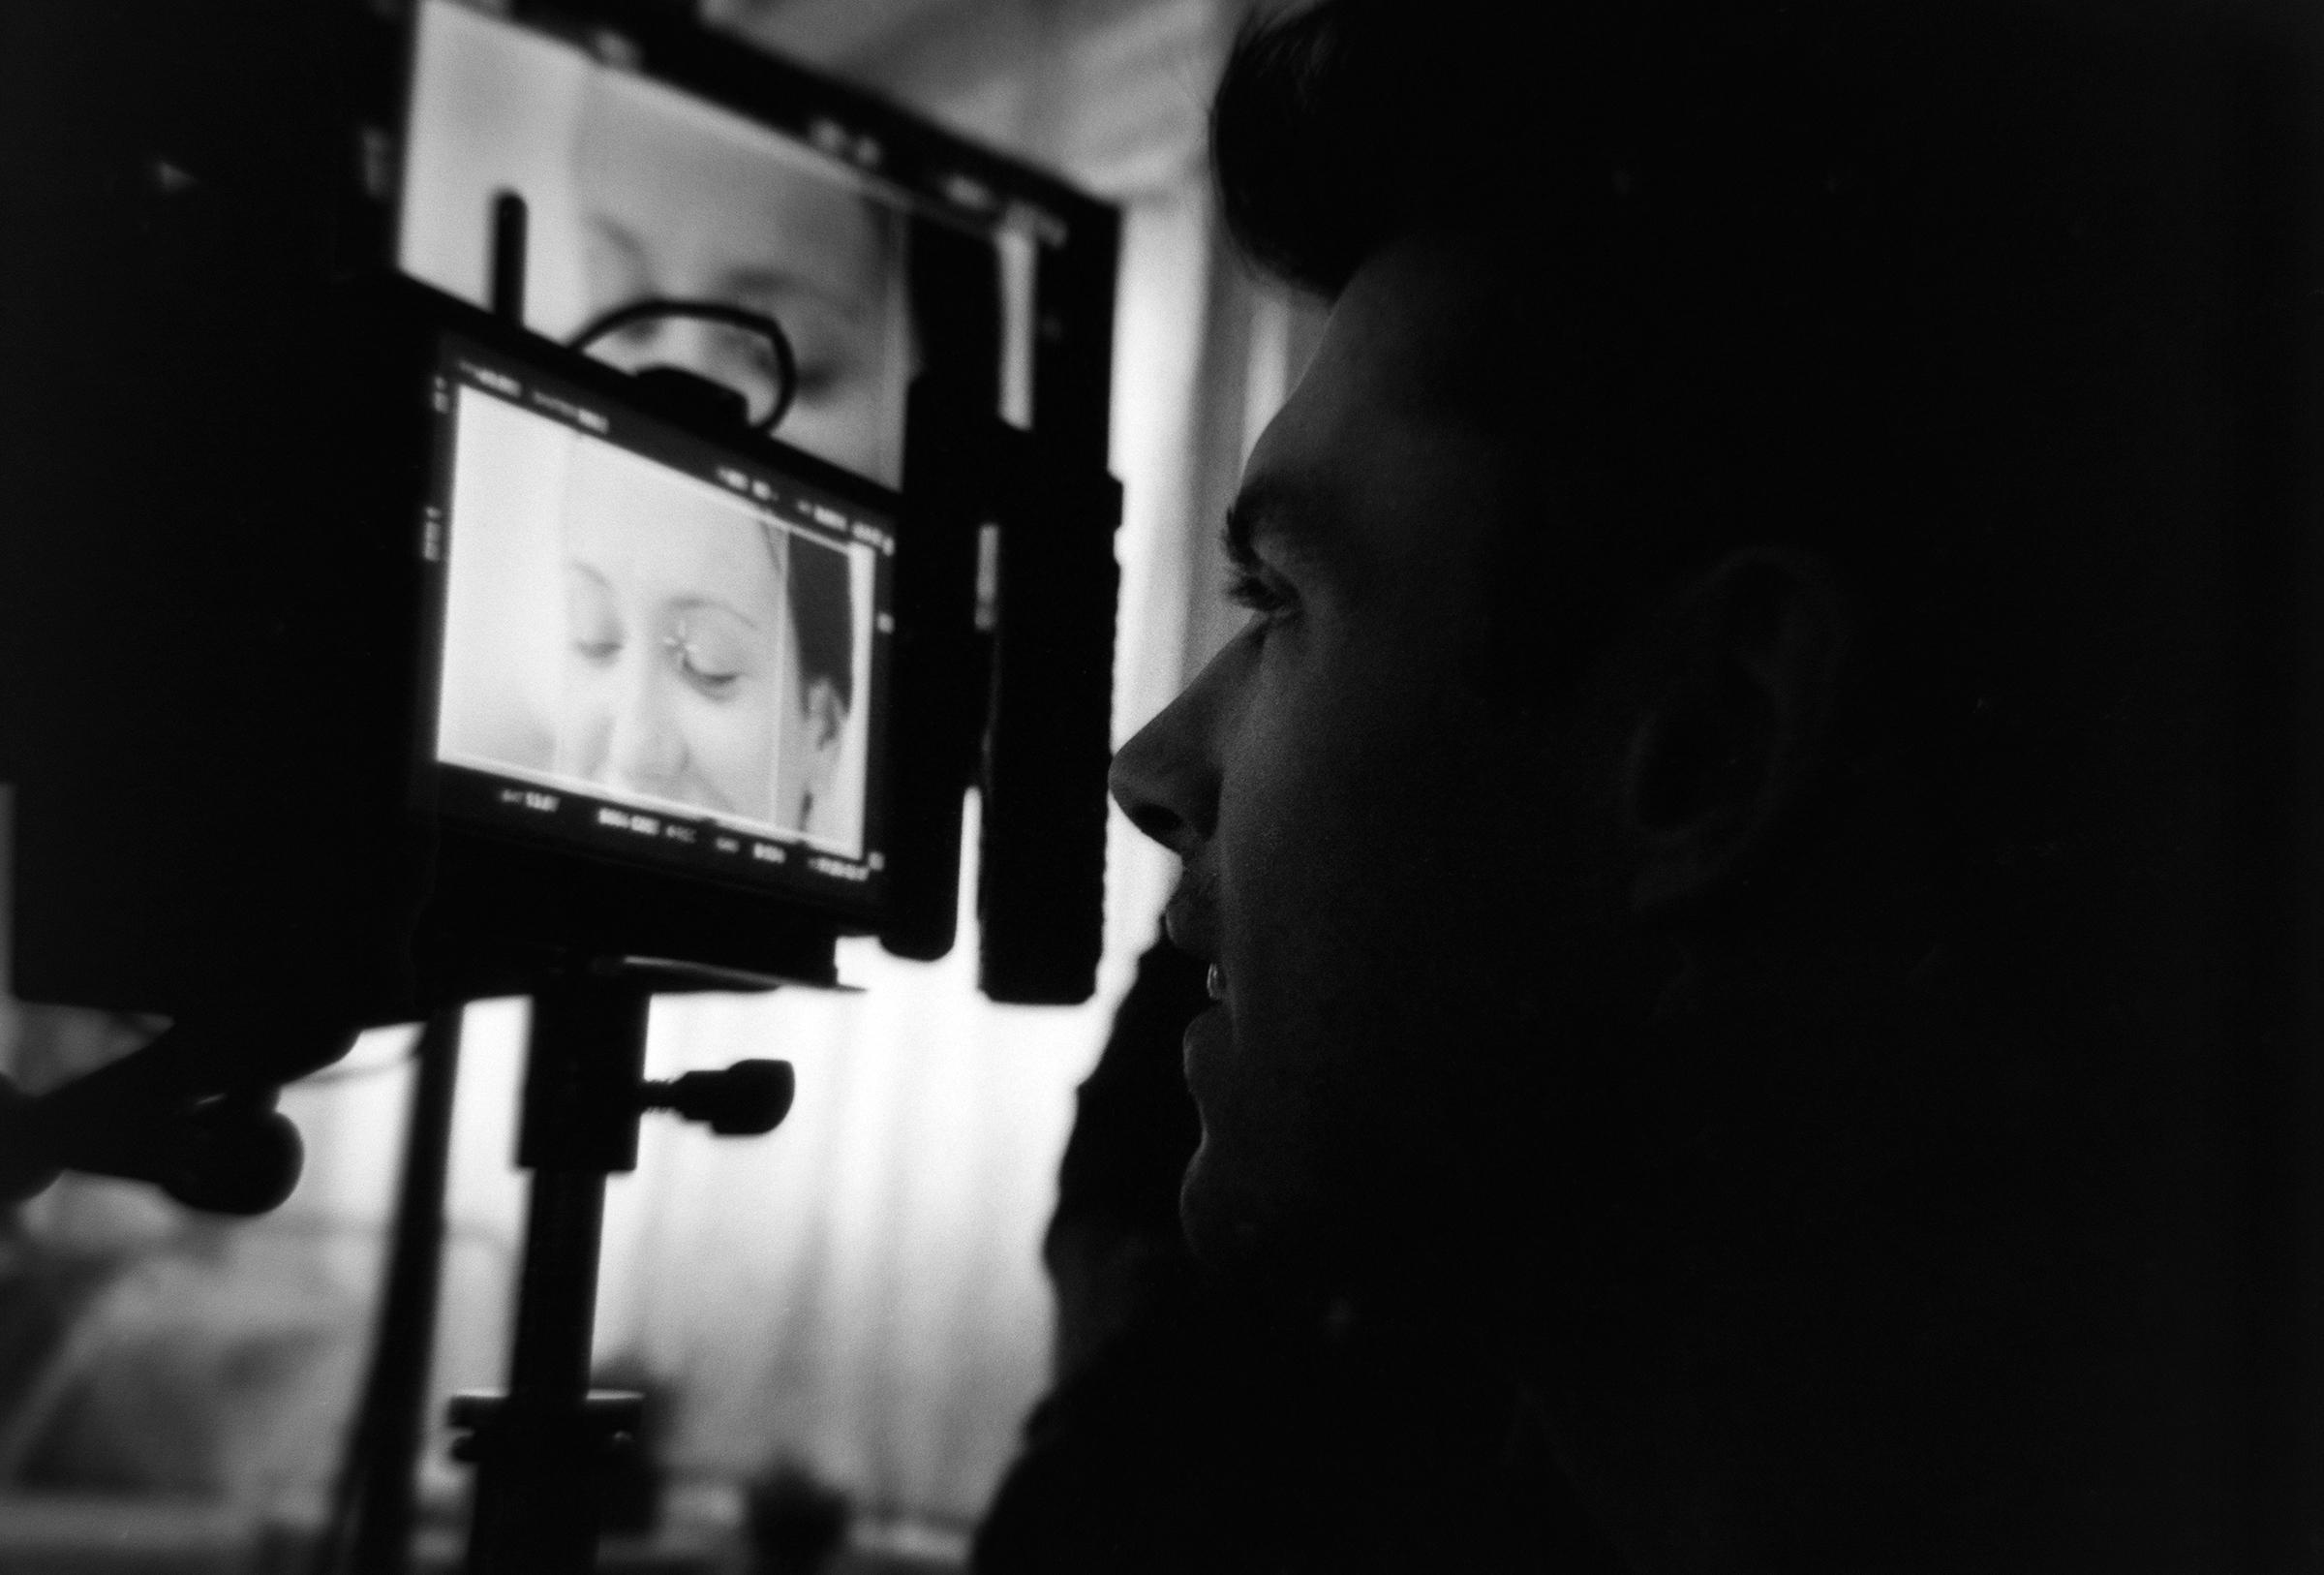 Danny pulling focus